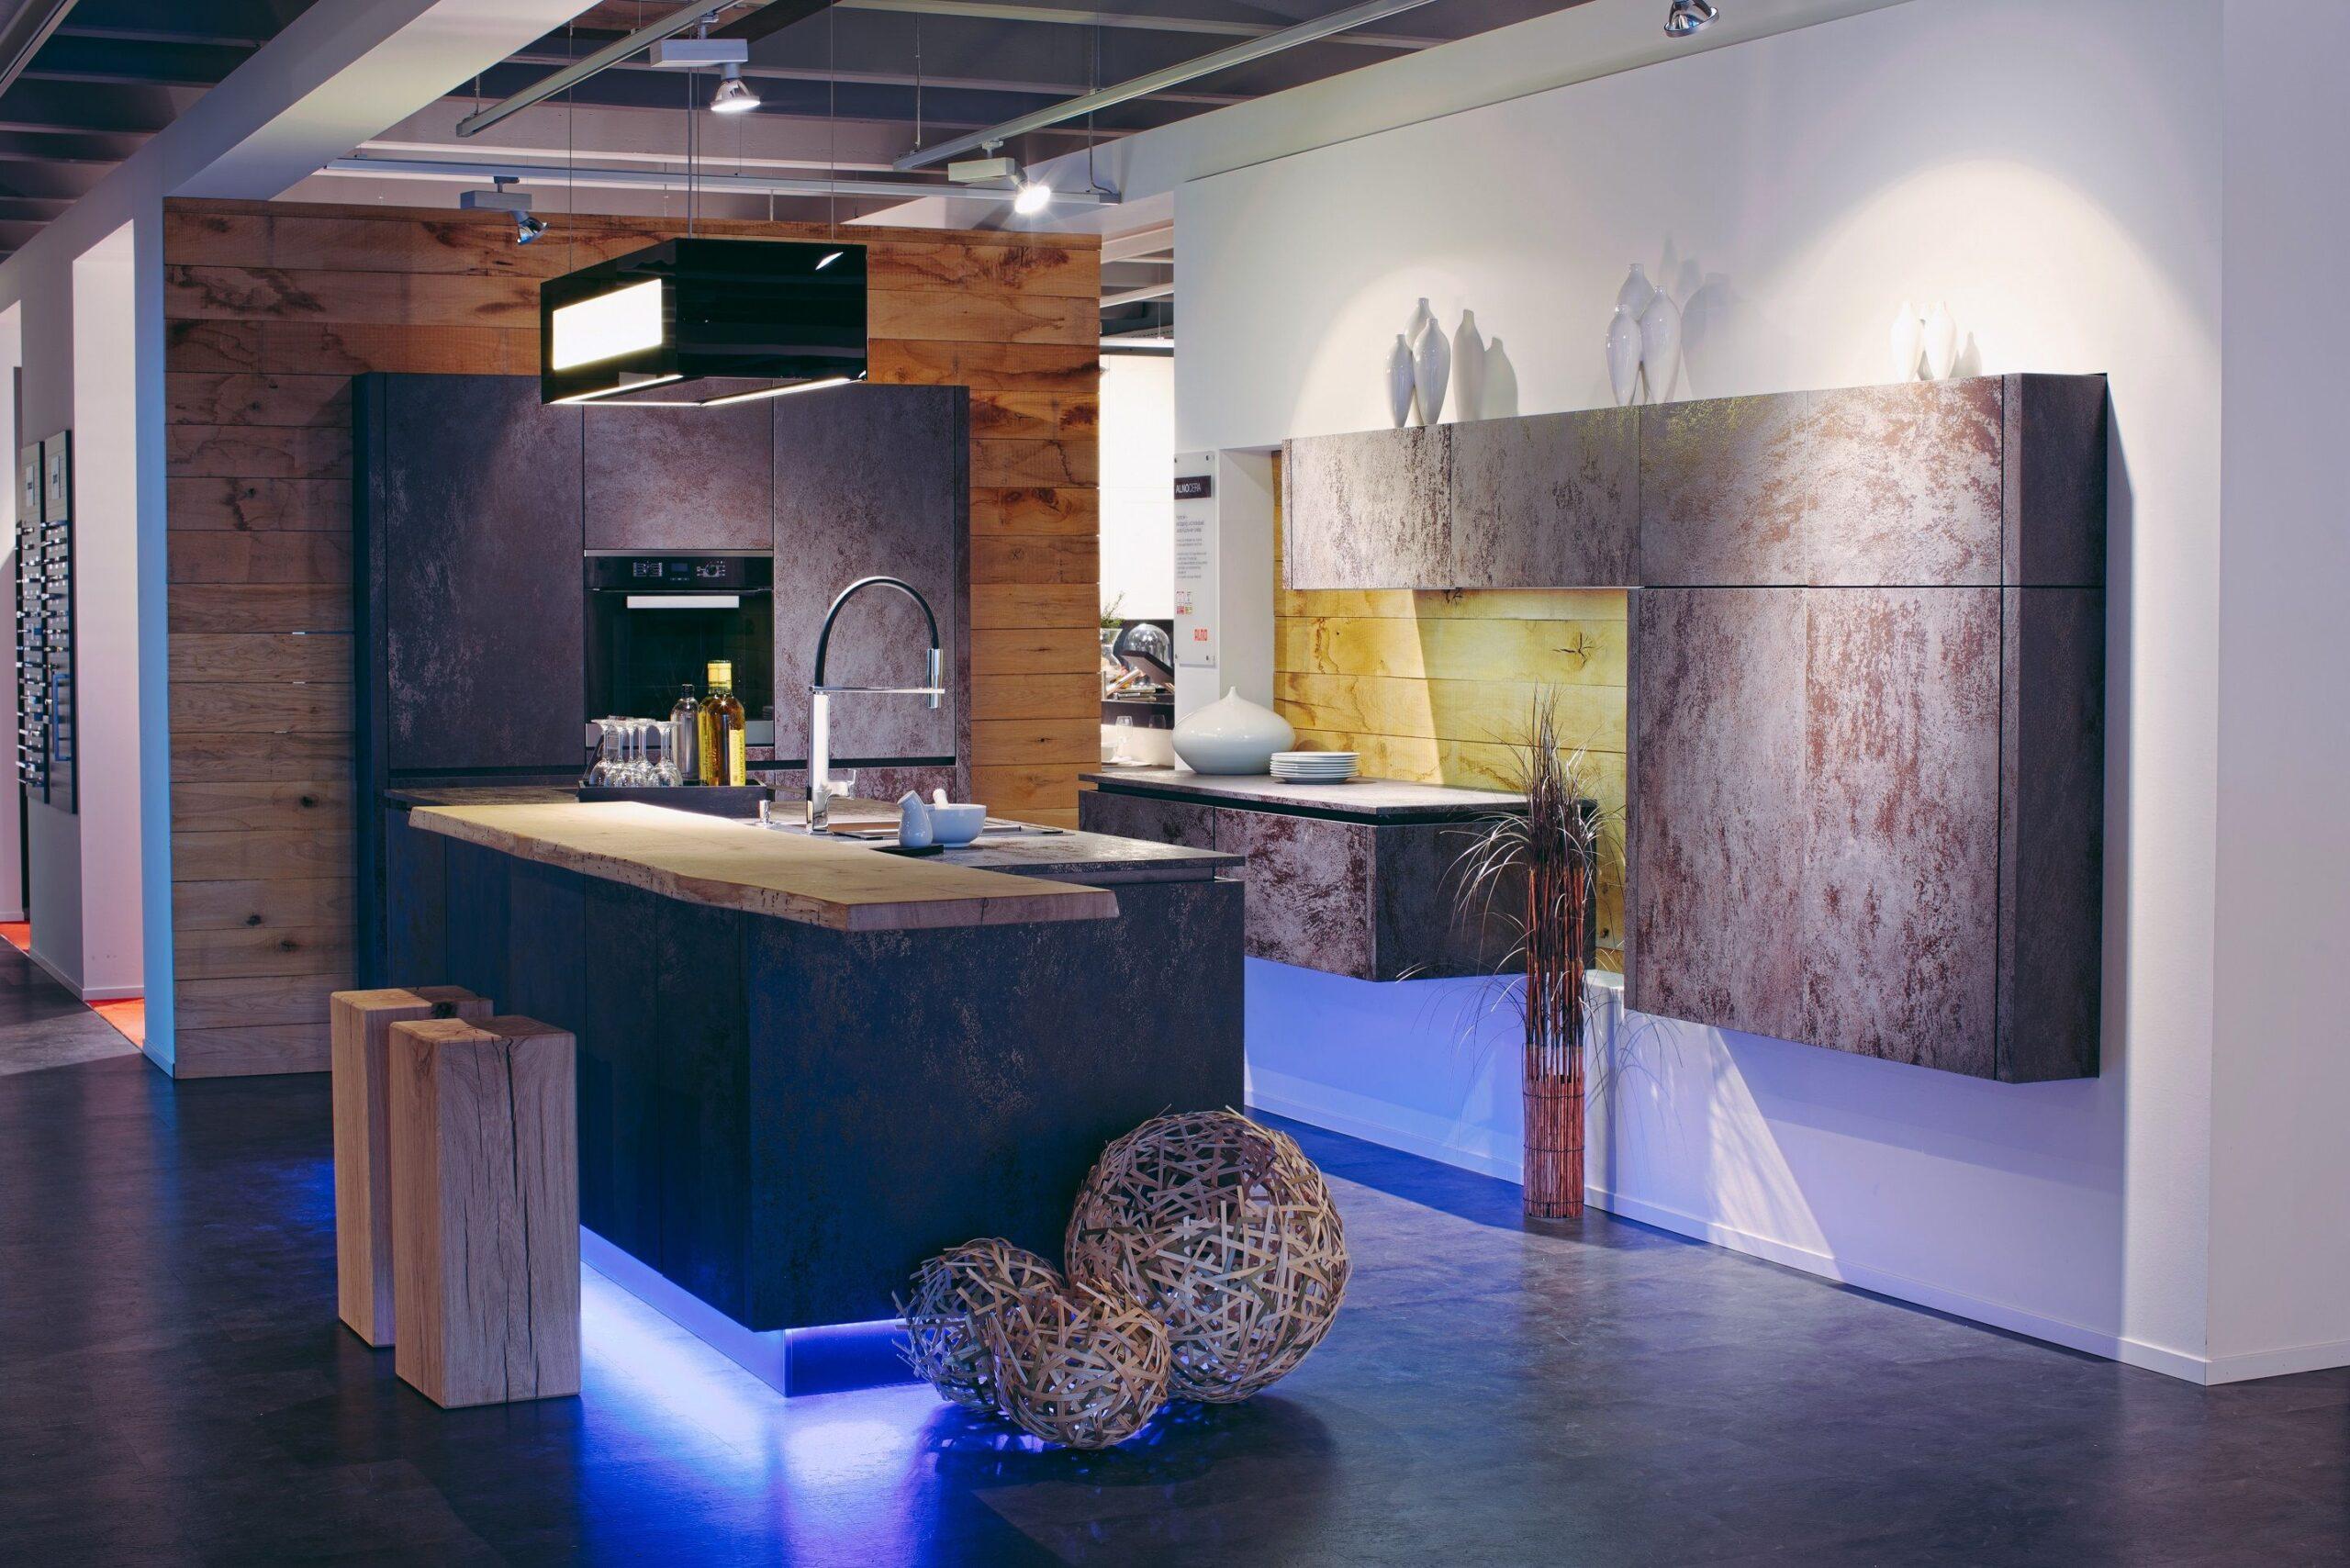 Full Size of Alno Cera Kchen Küche Küchen Regal Wohnzimmer Alno Küchen